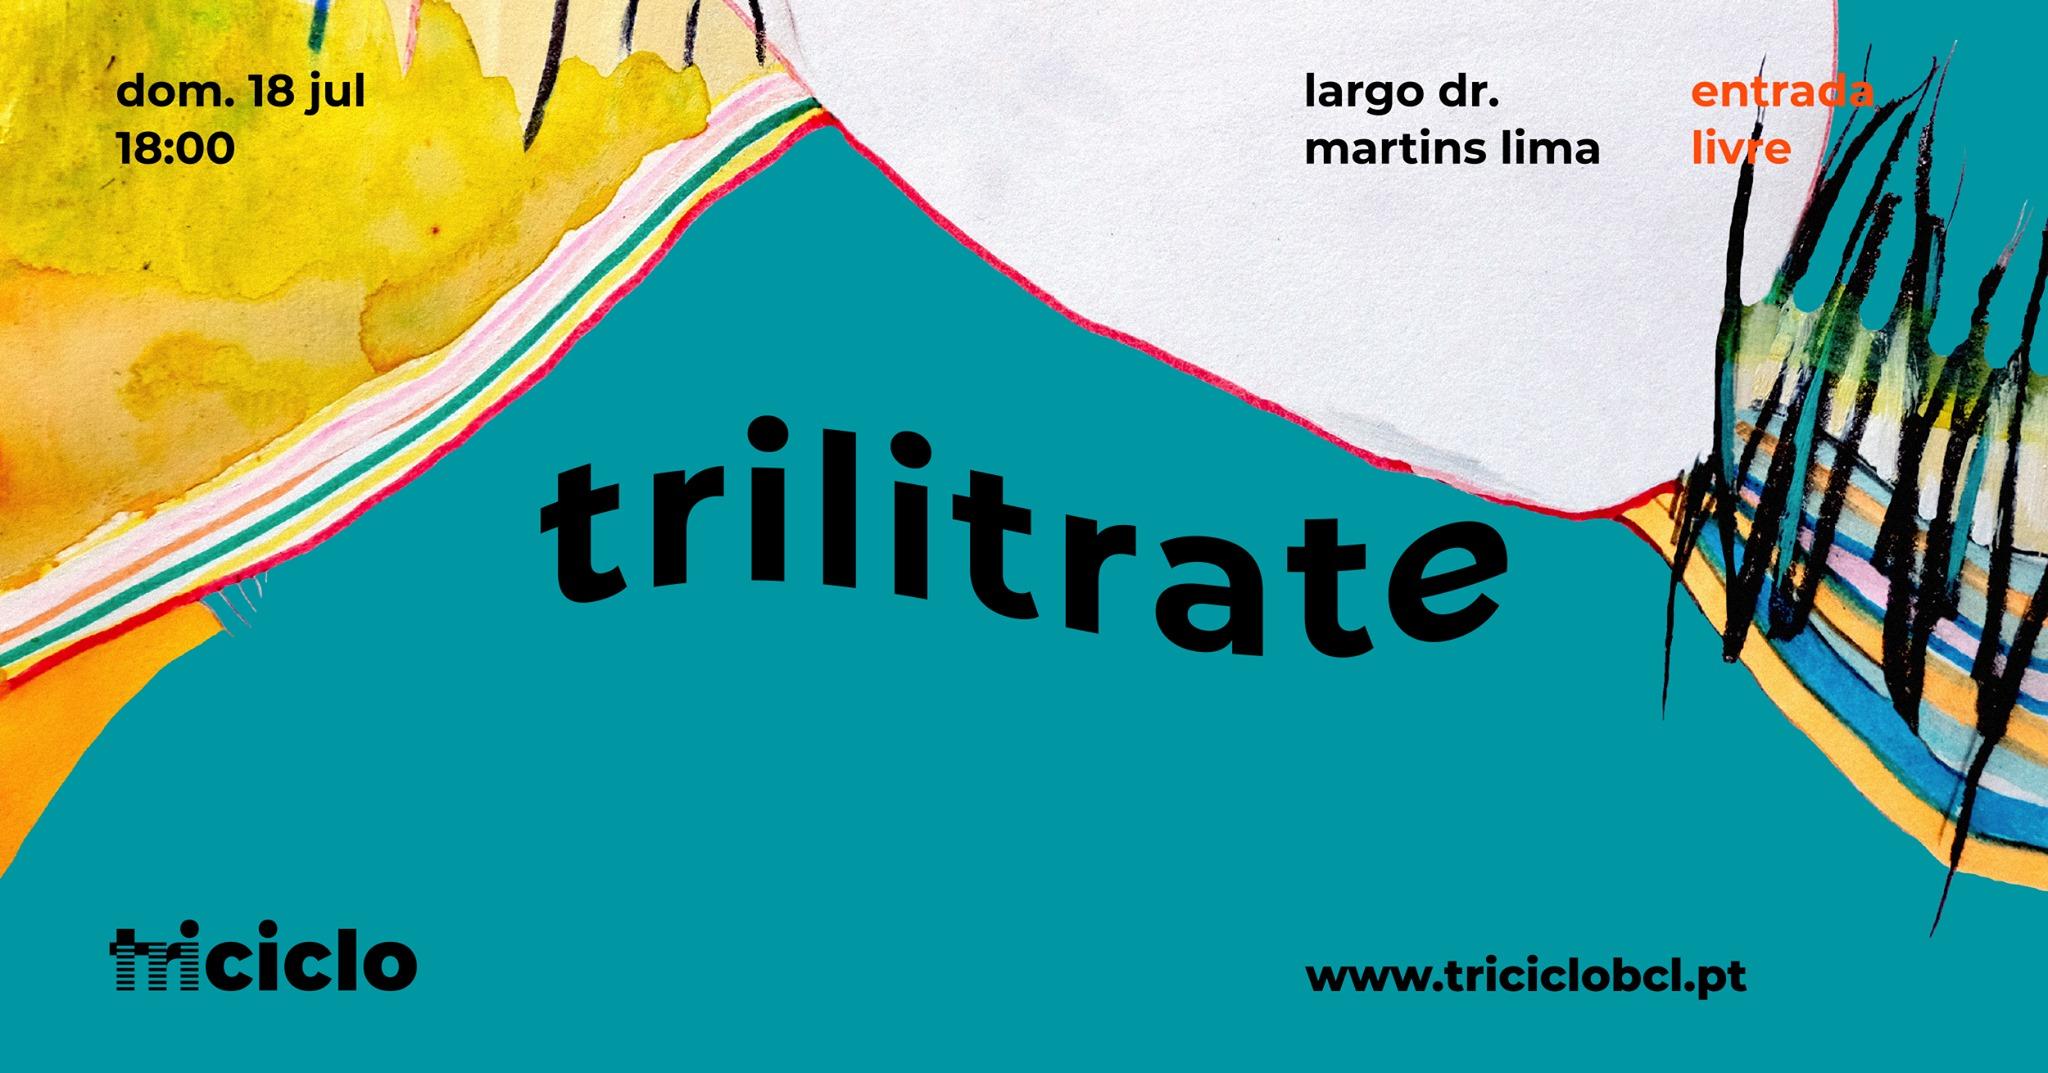 triciclo / trilitrate em barcelos